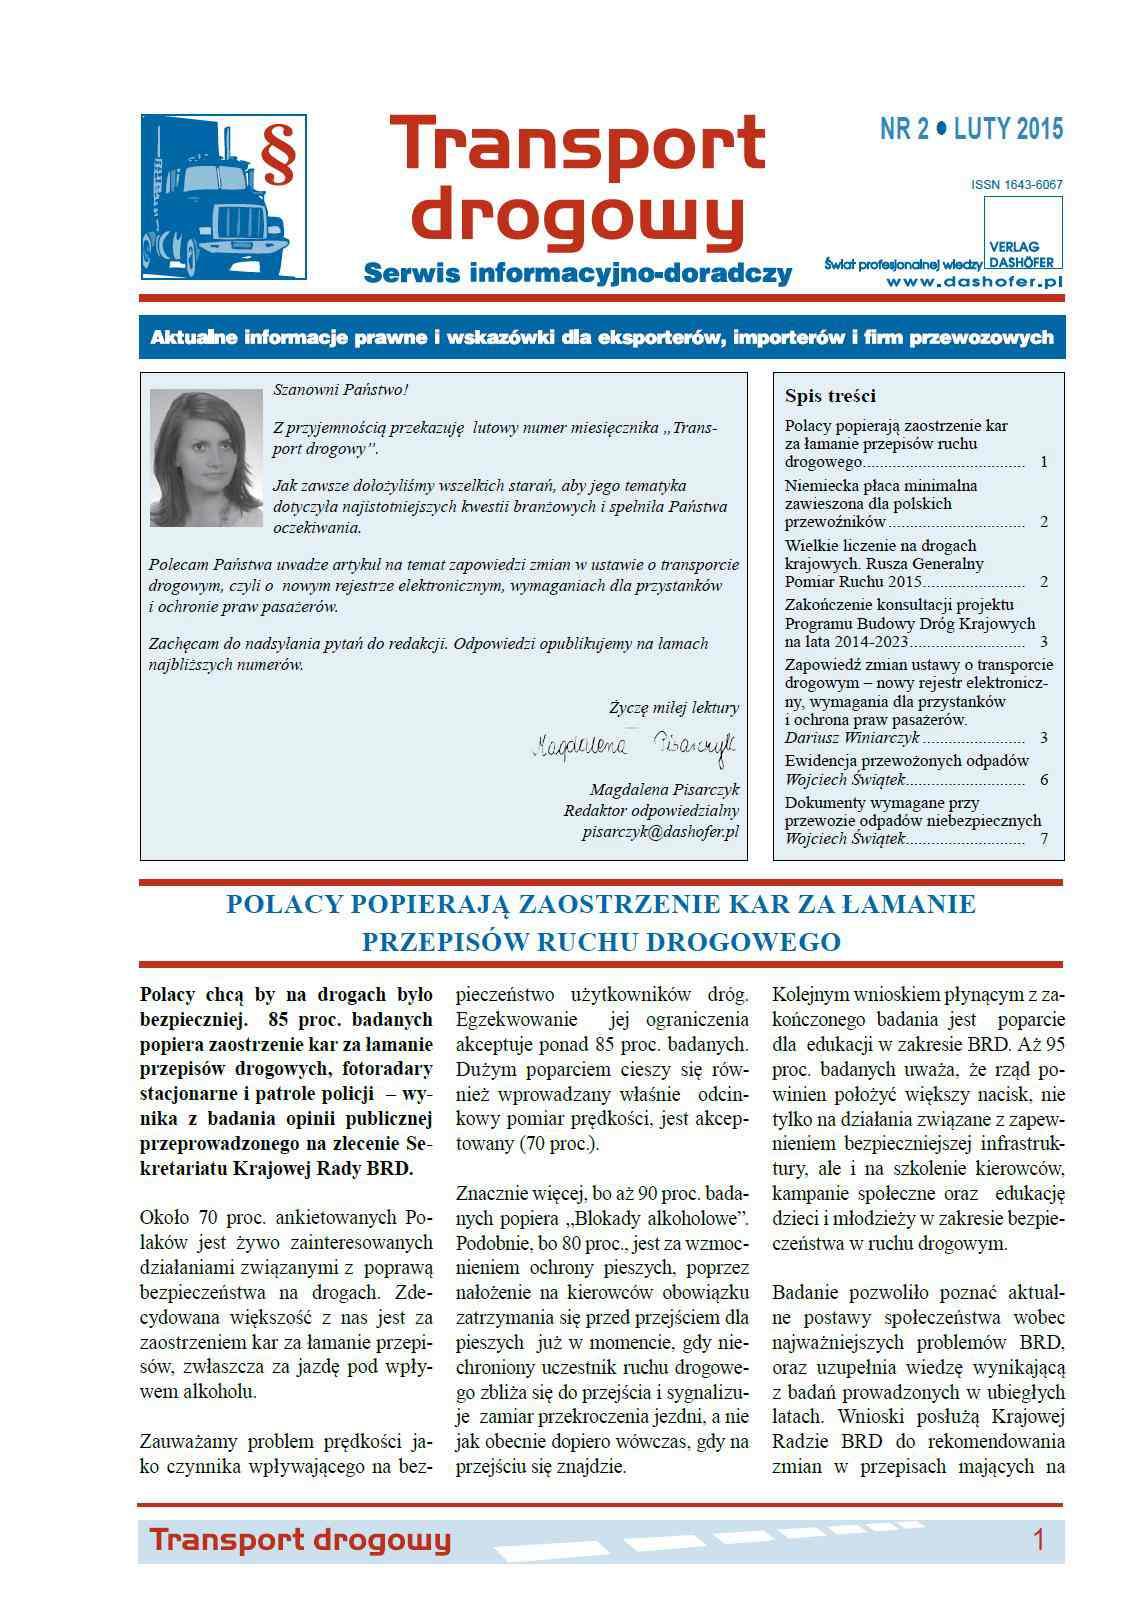 Transport drogowy. Aktualne informacje prawne i wskazówki dla eksporterów, importerów i firm przewozowych. Nr 2/2015 - Ebook (Książka PDF) do pobrania w formacie PDF